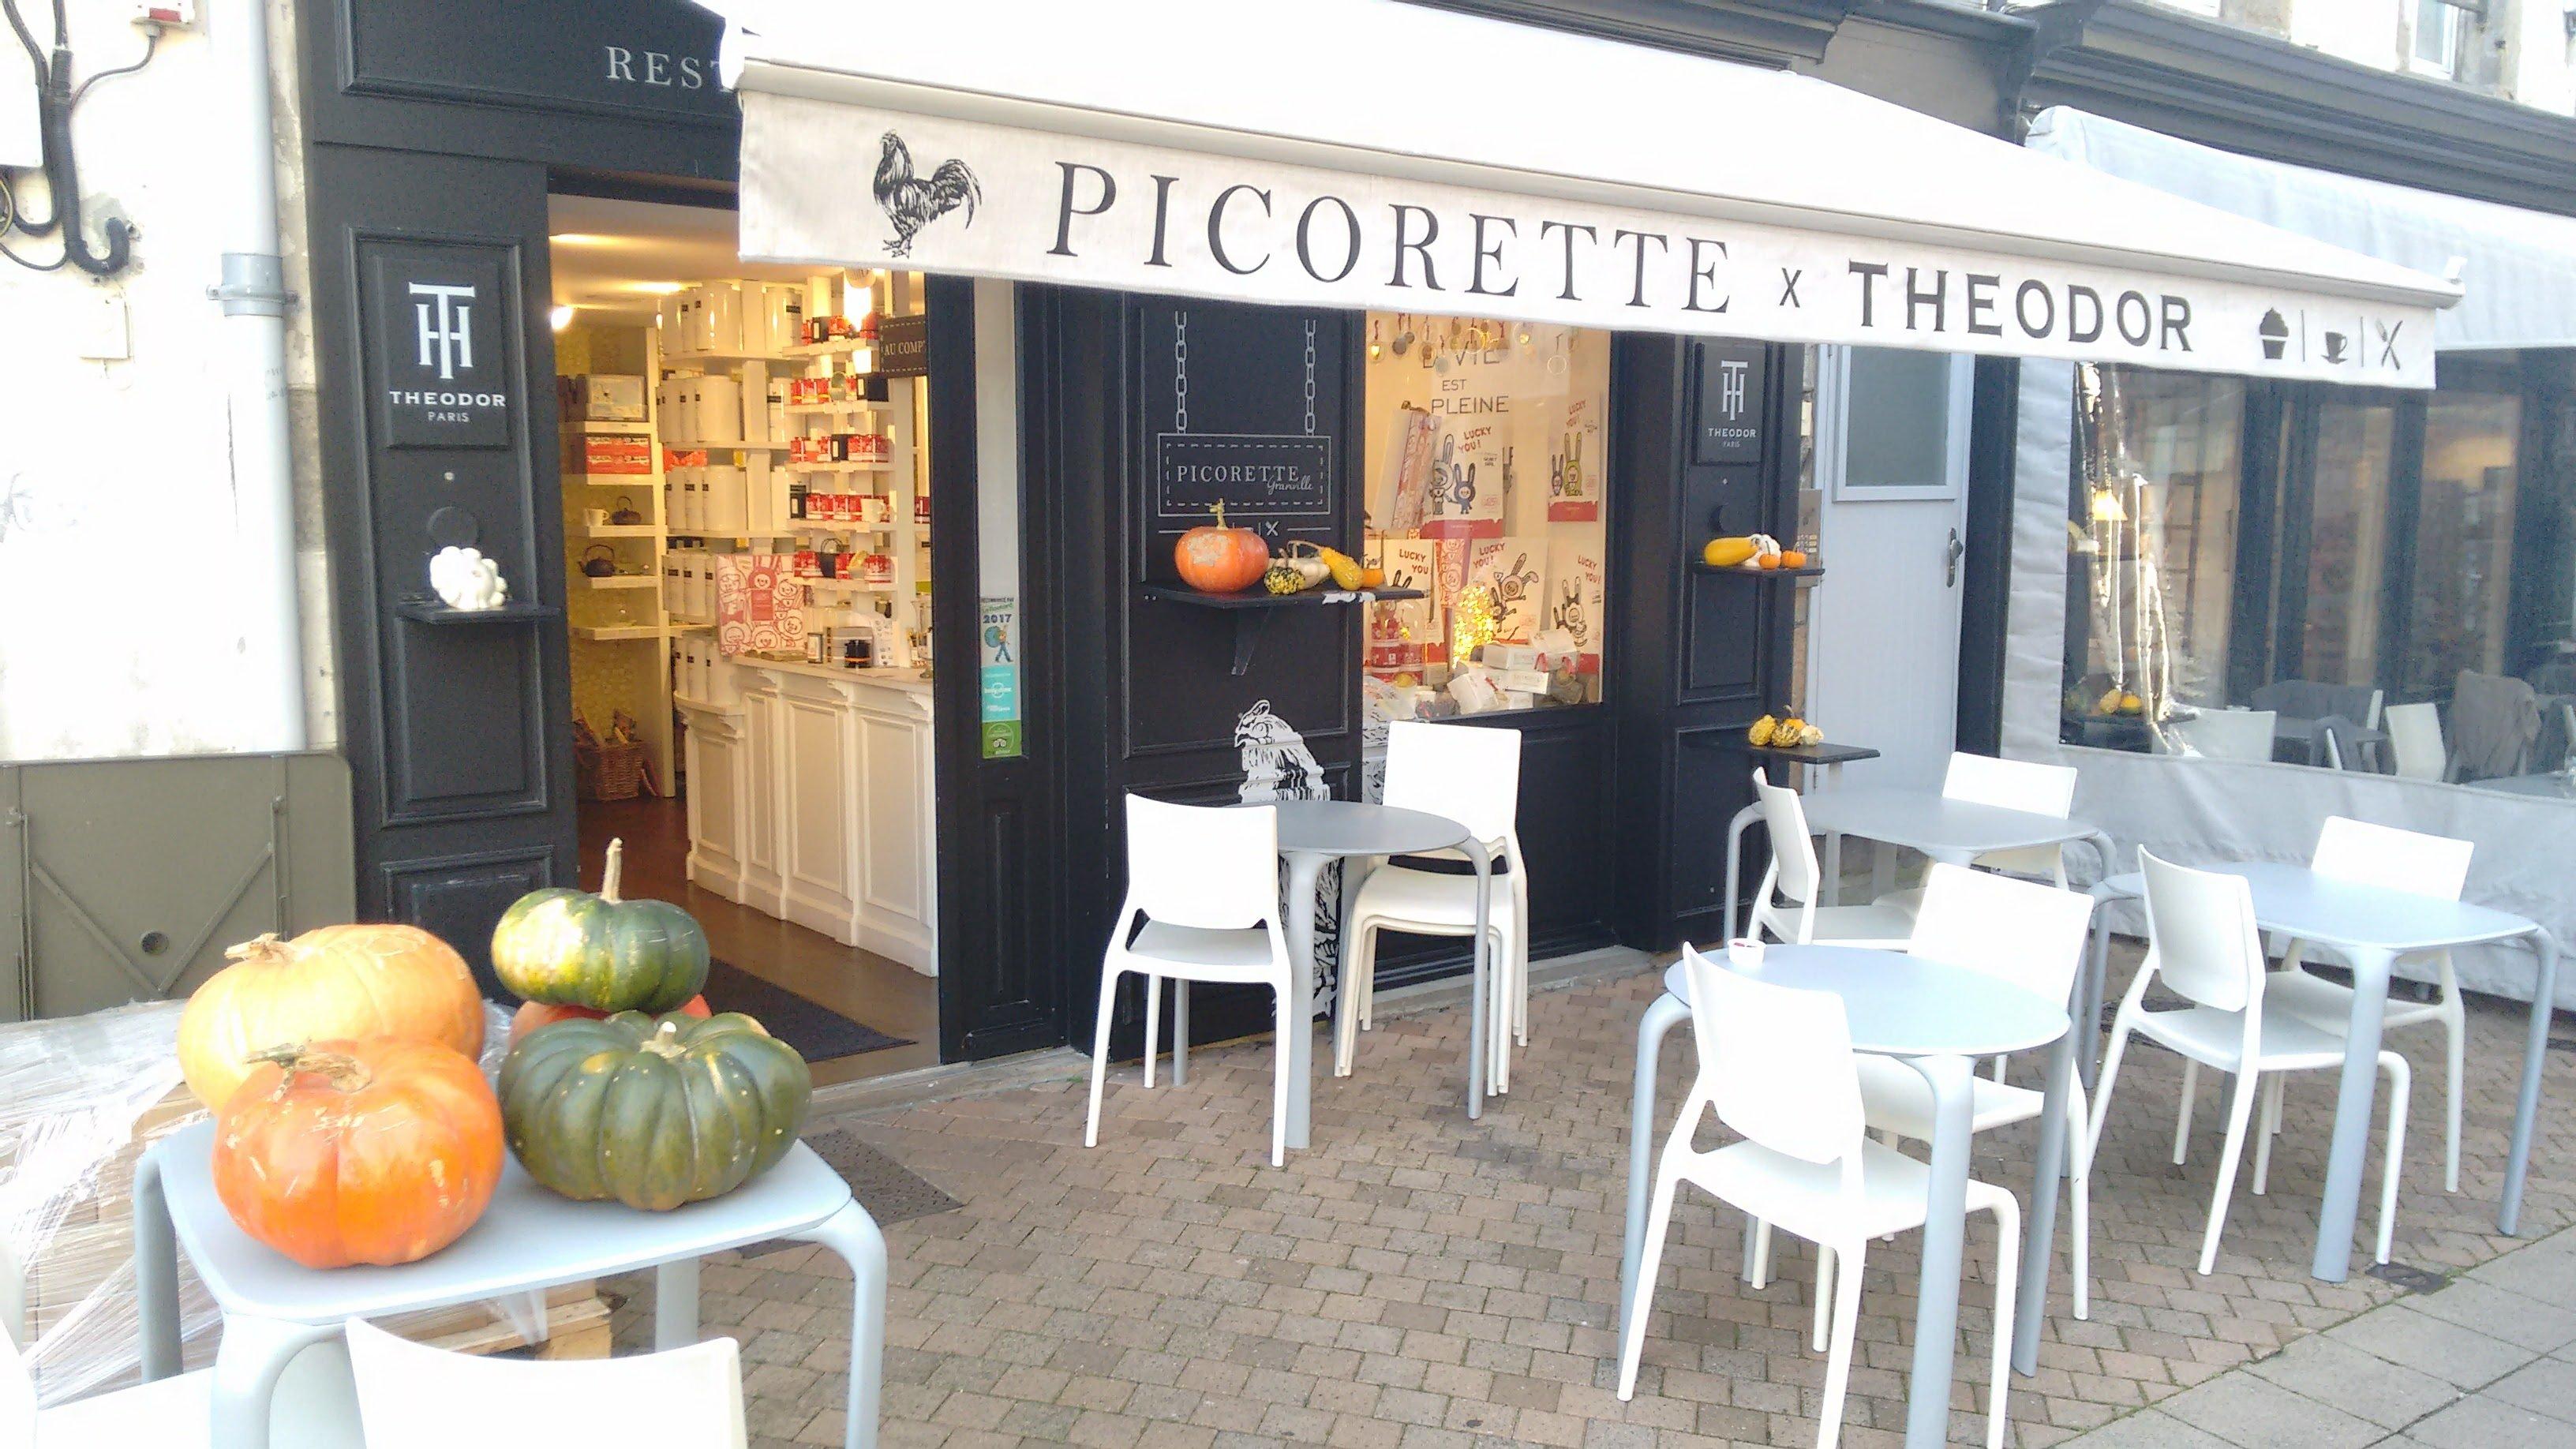 Picorette salon de the in Granville